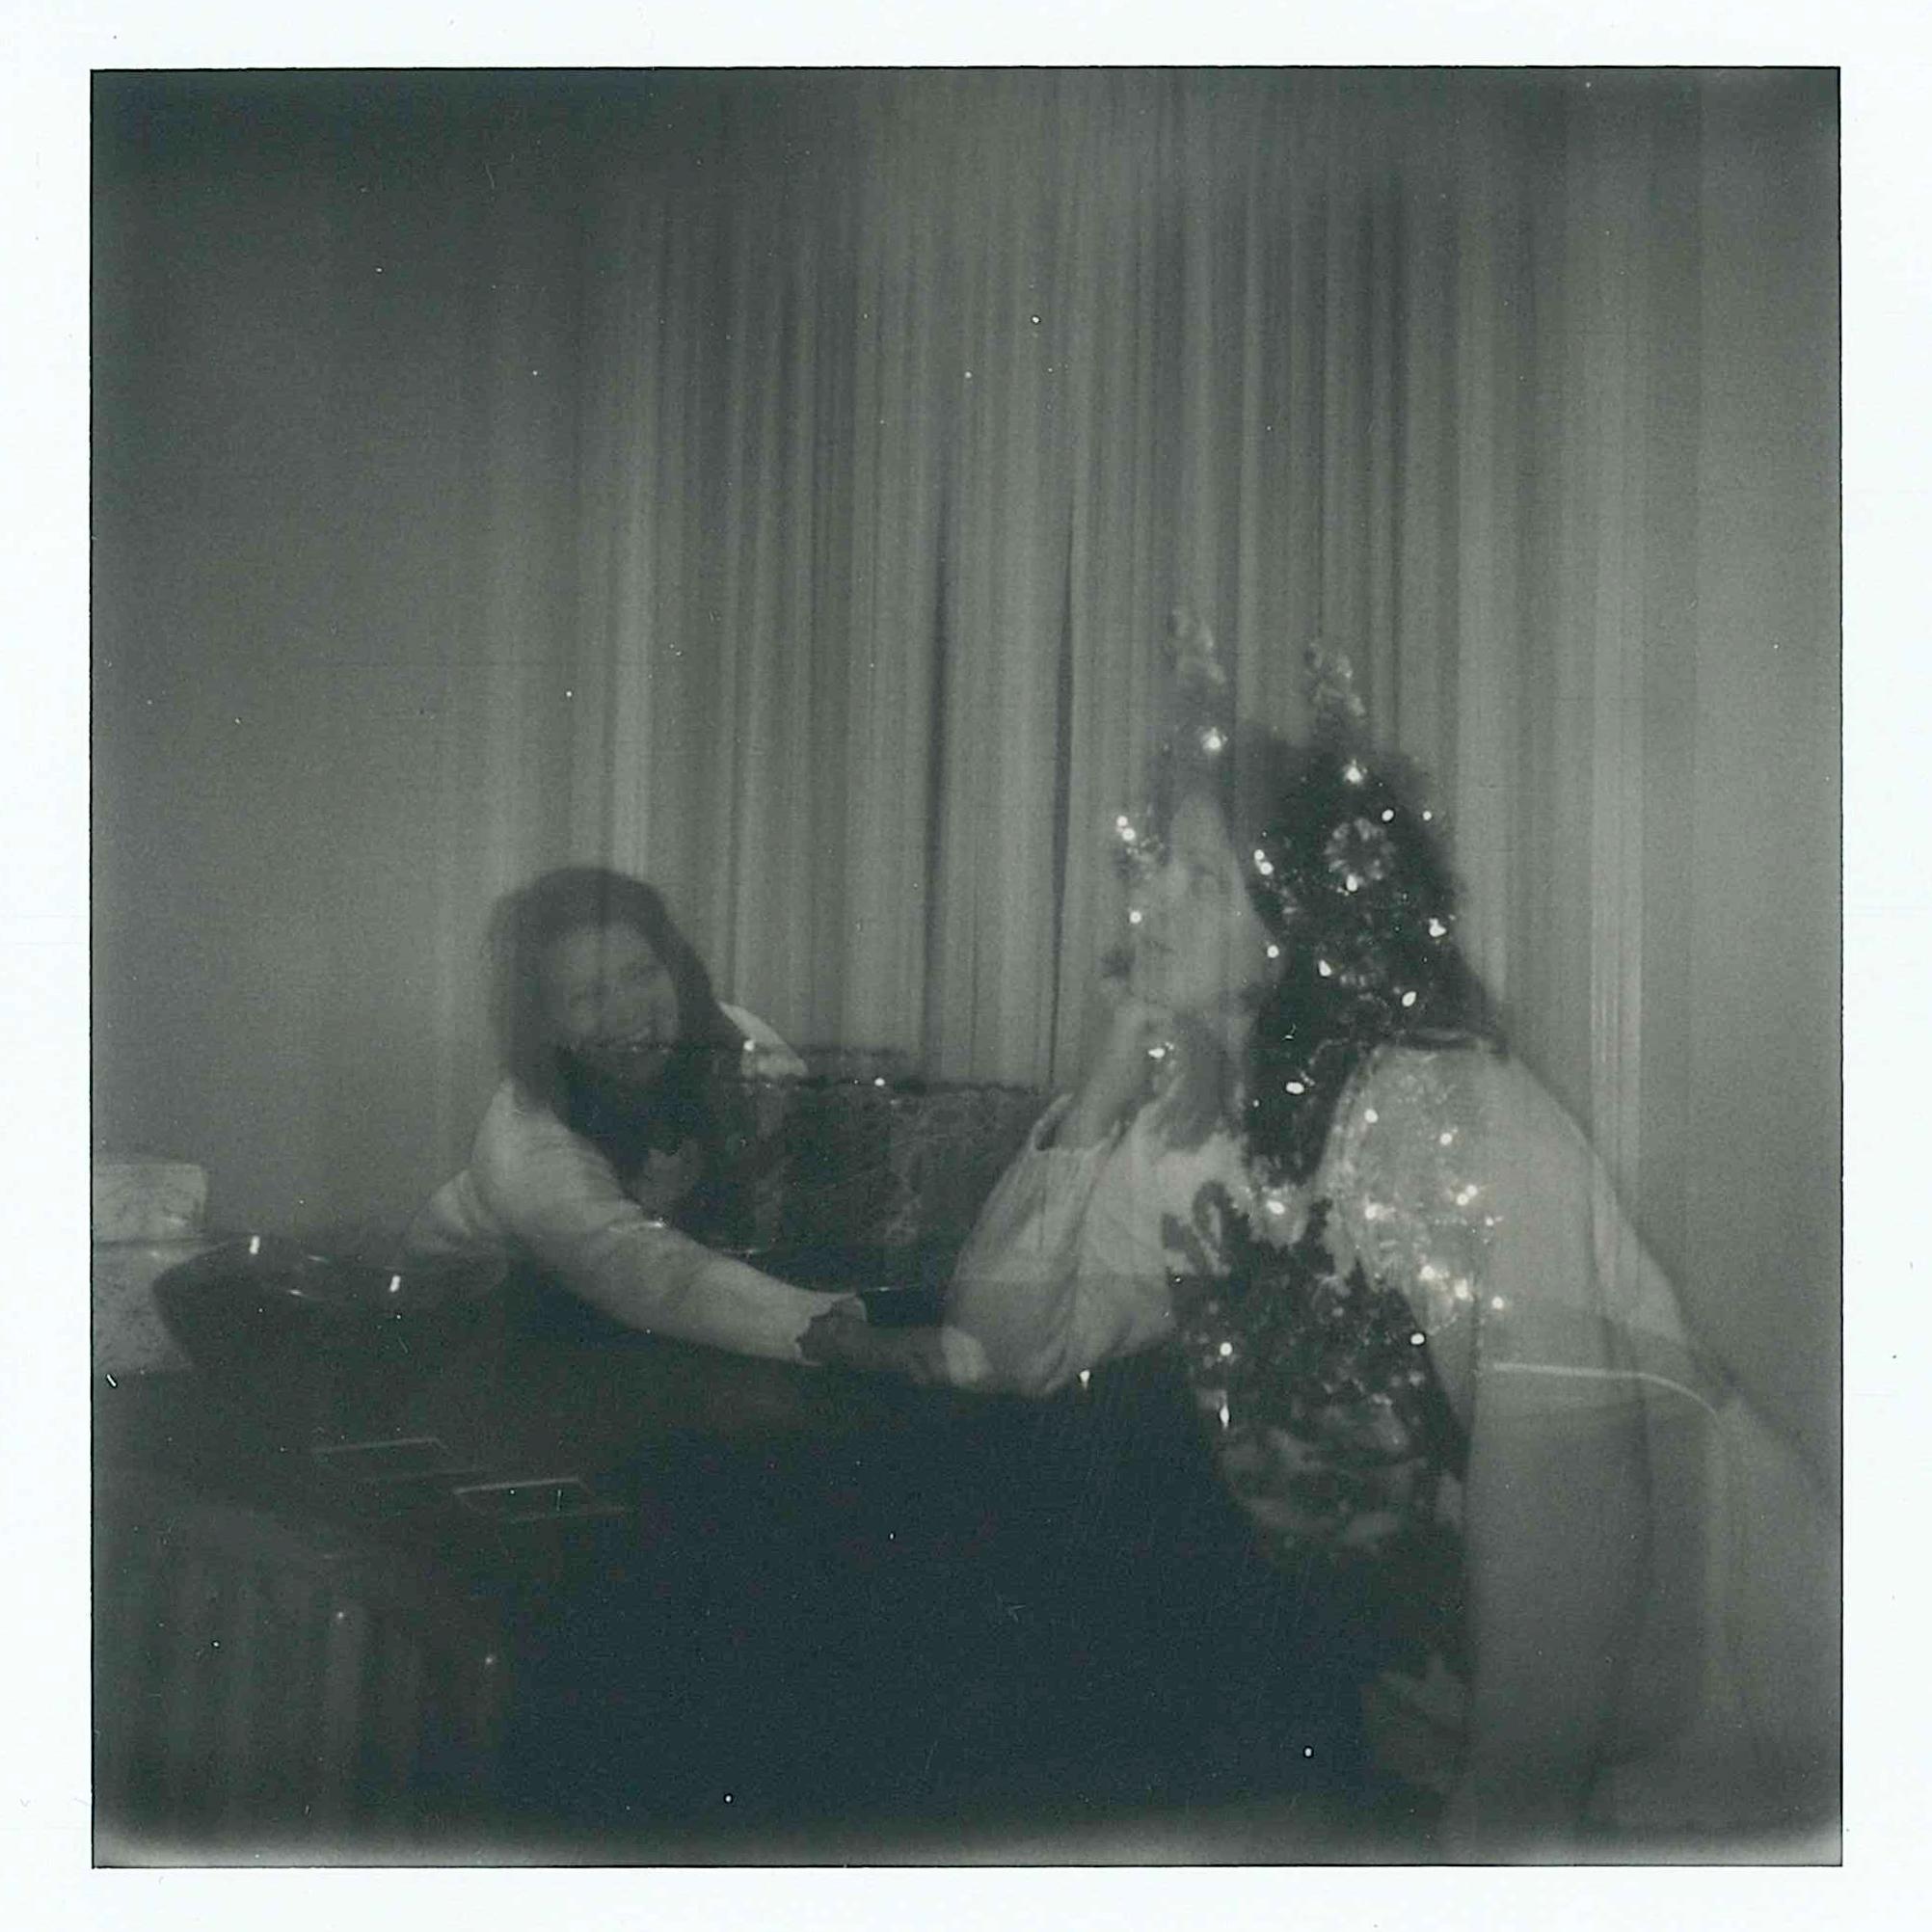 Christmas Polaroids 2018 - double exposure